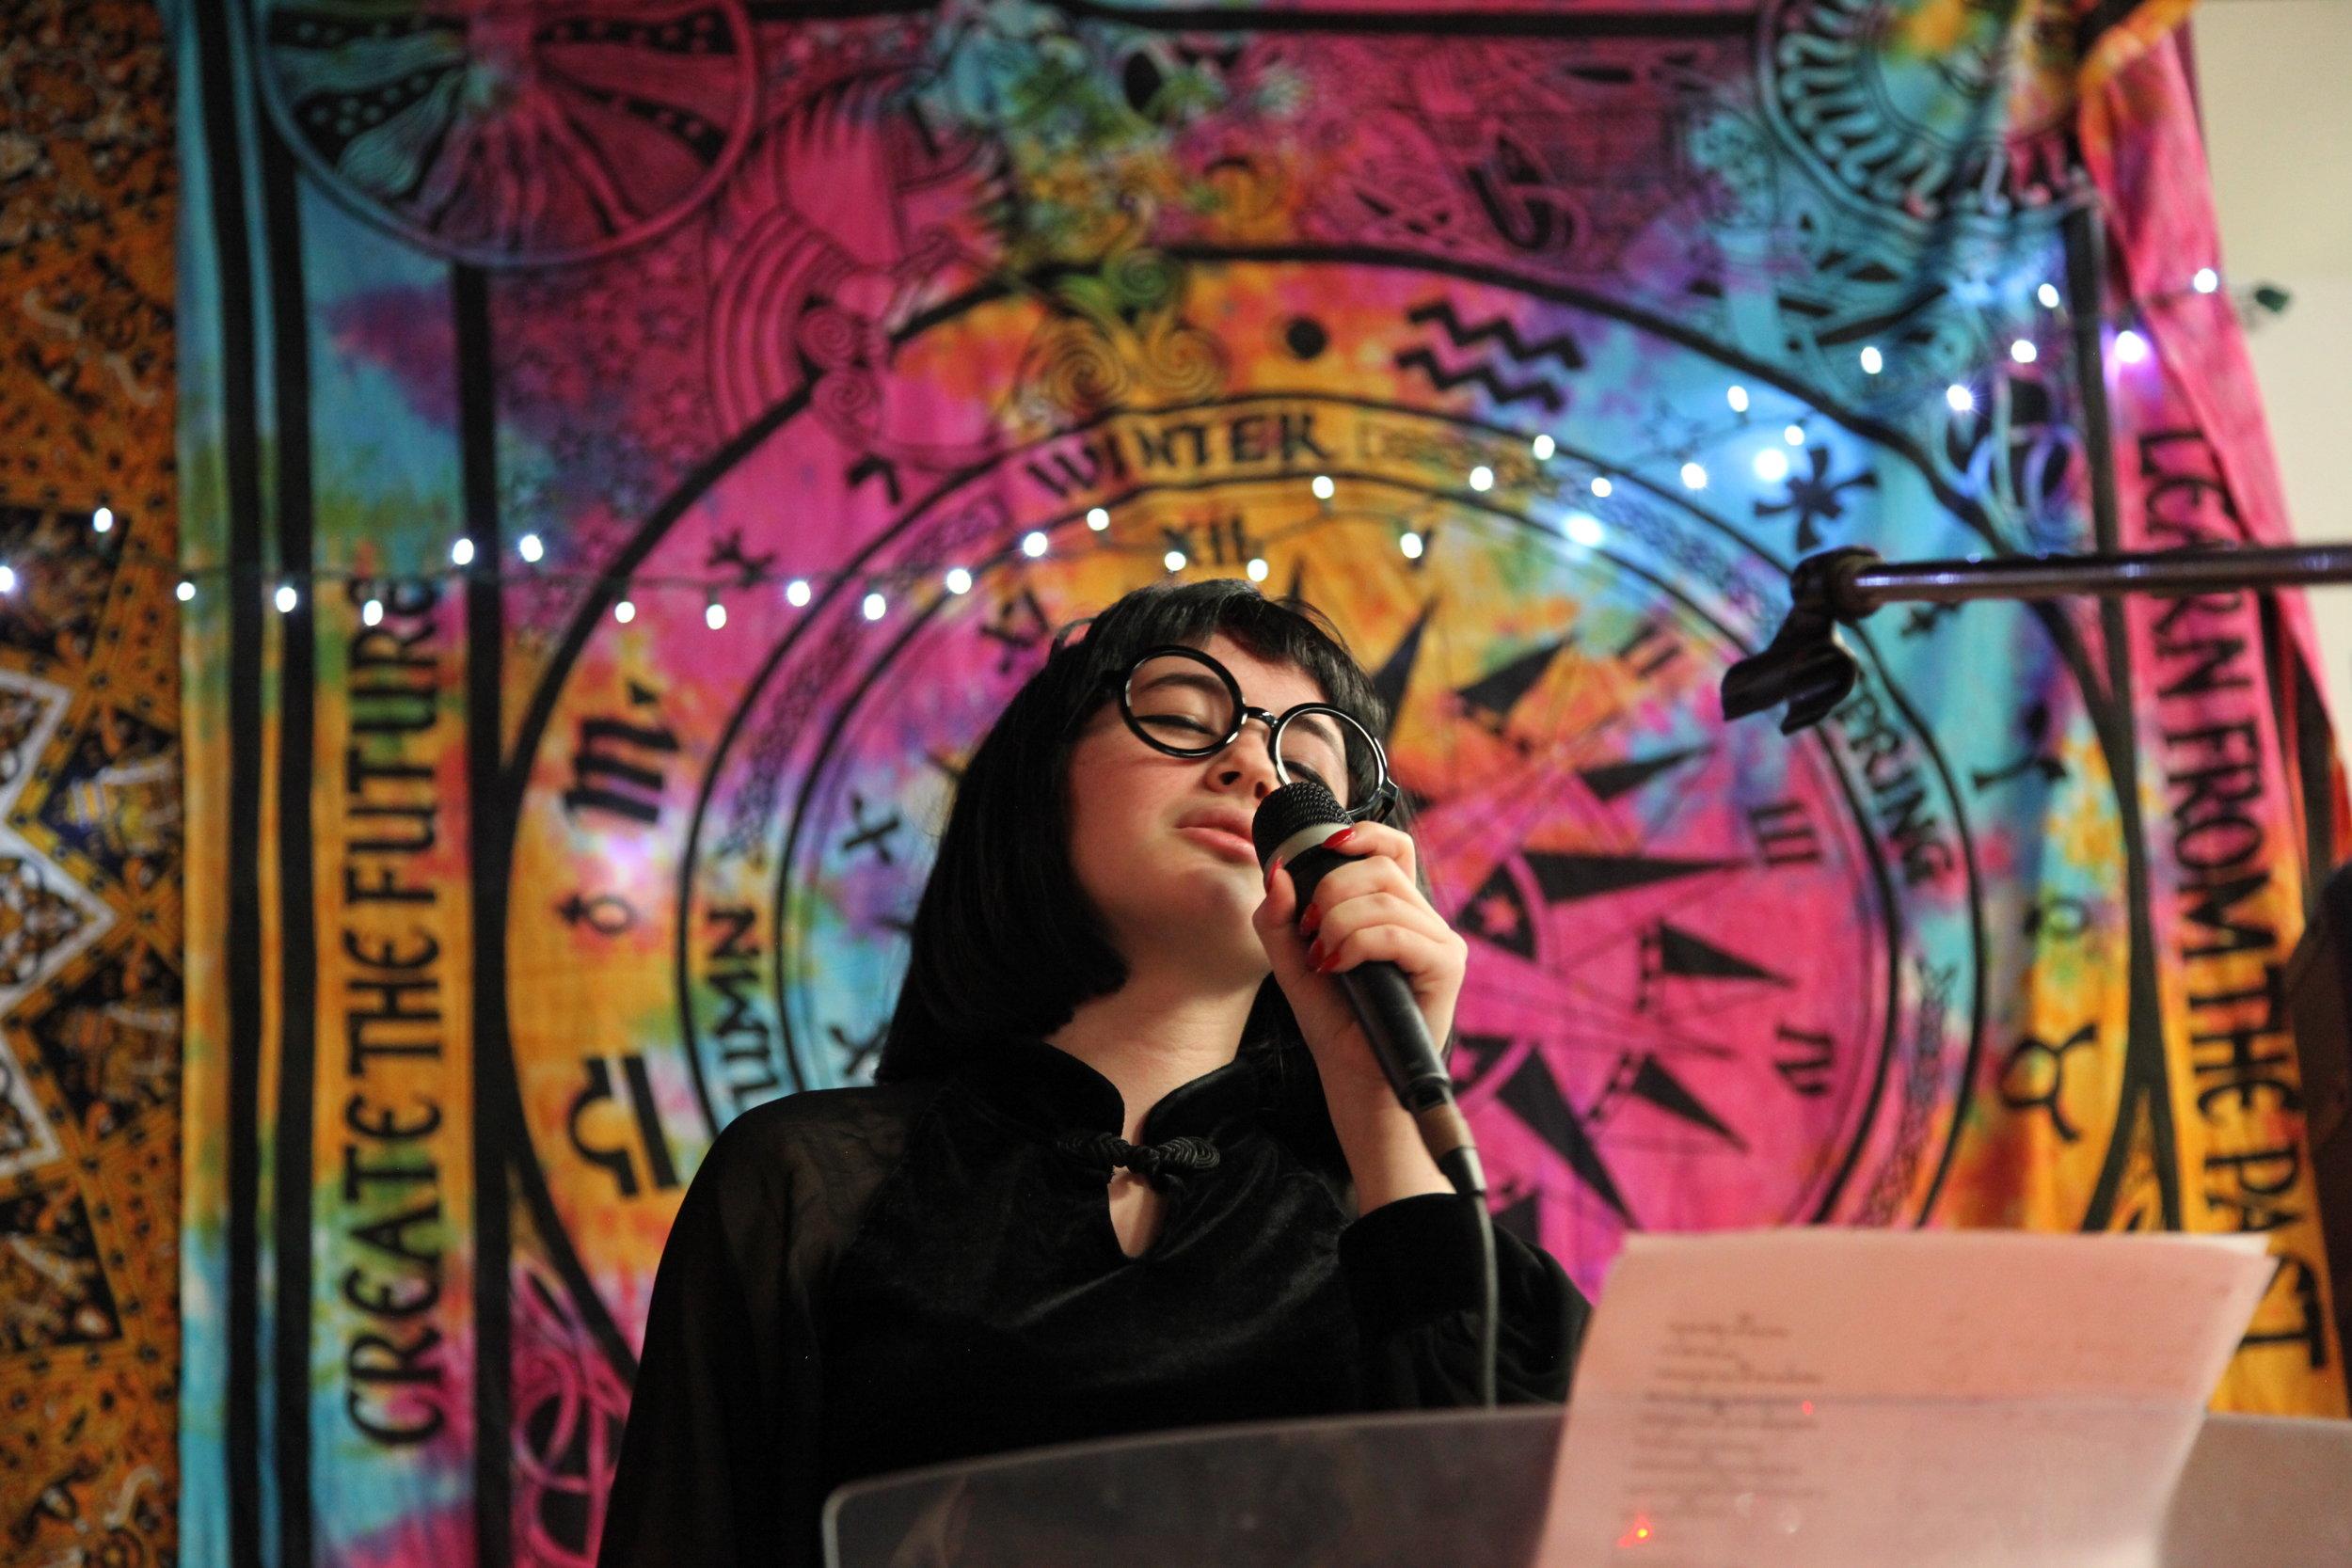 Stella Wunder performing